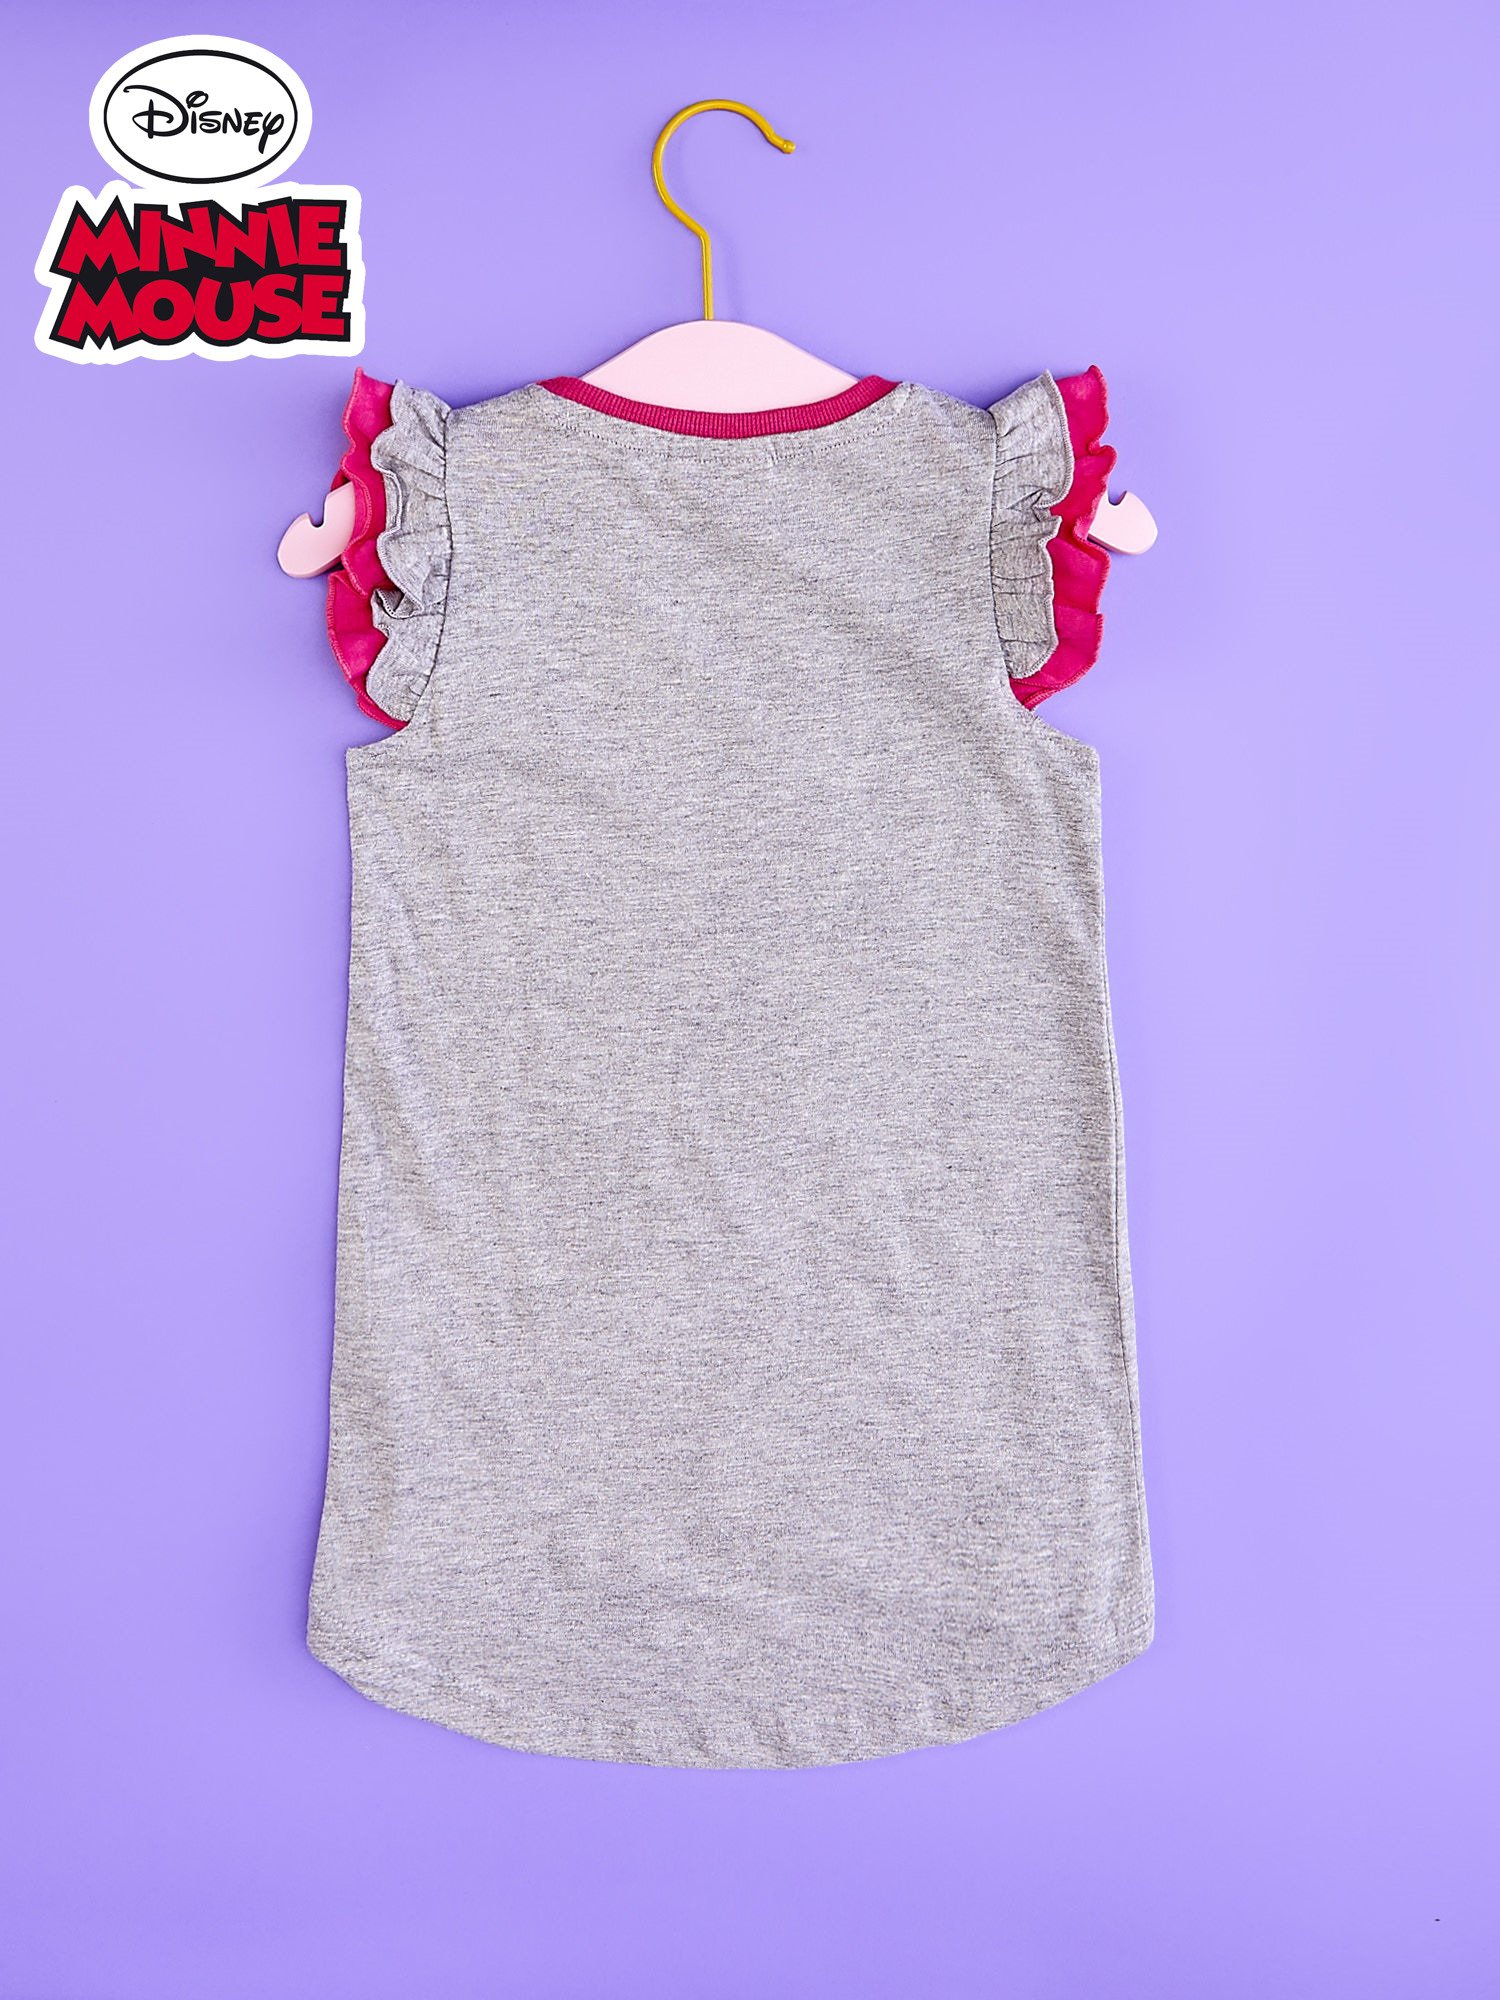 Szara tunika dla dziewczynki z nadrukiem MINNIE MOUSE                                  zdj.                                  2